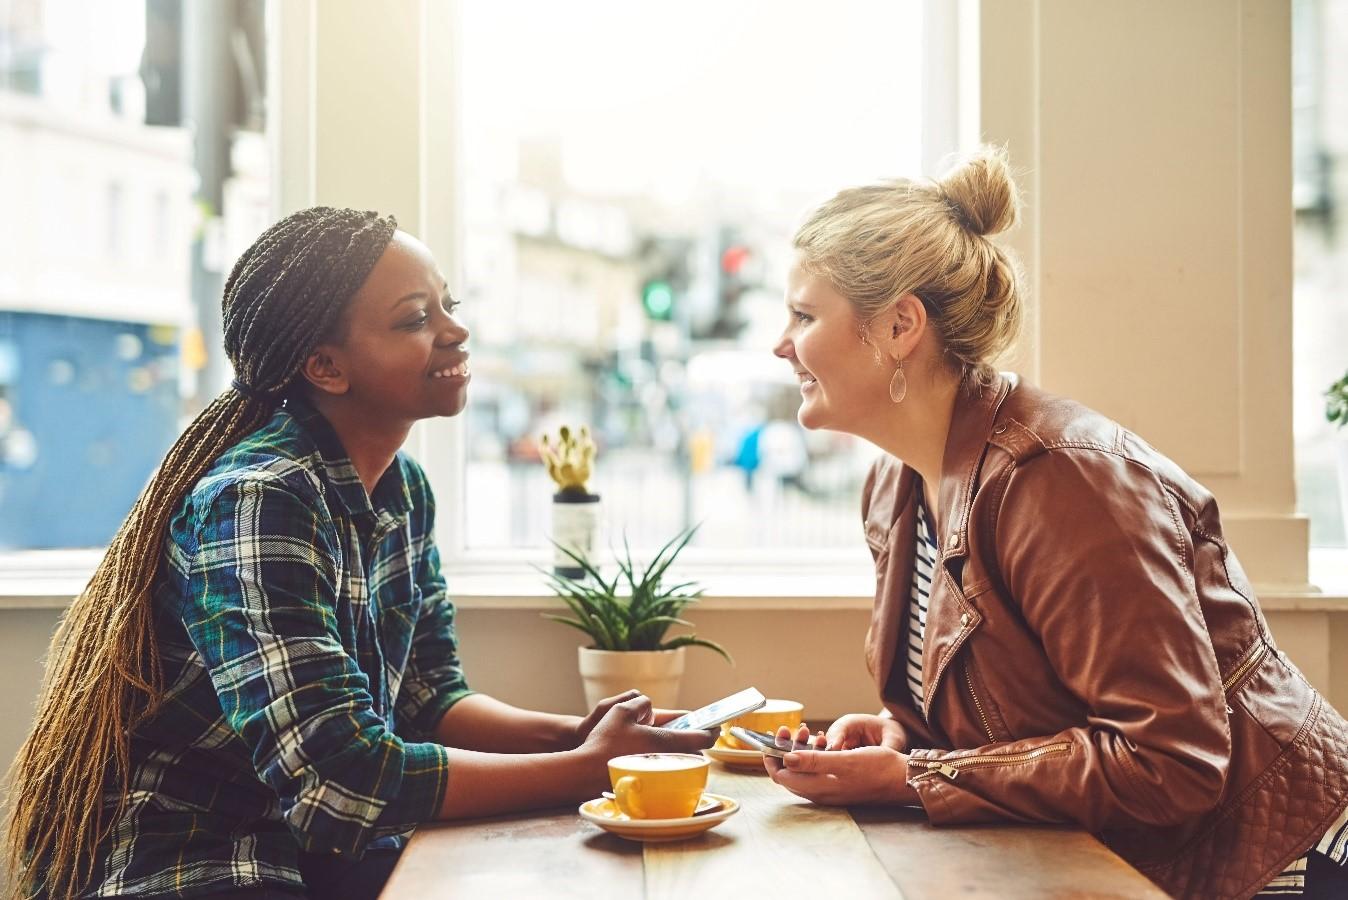 ¿Qué pesa más lenguaje positivo o negativo?